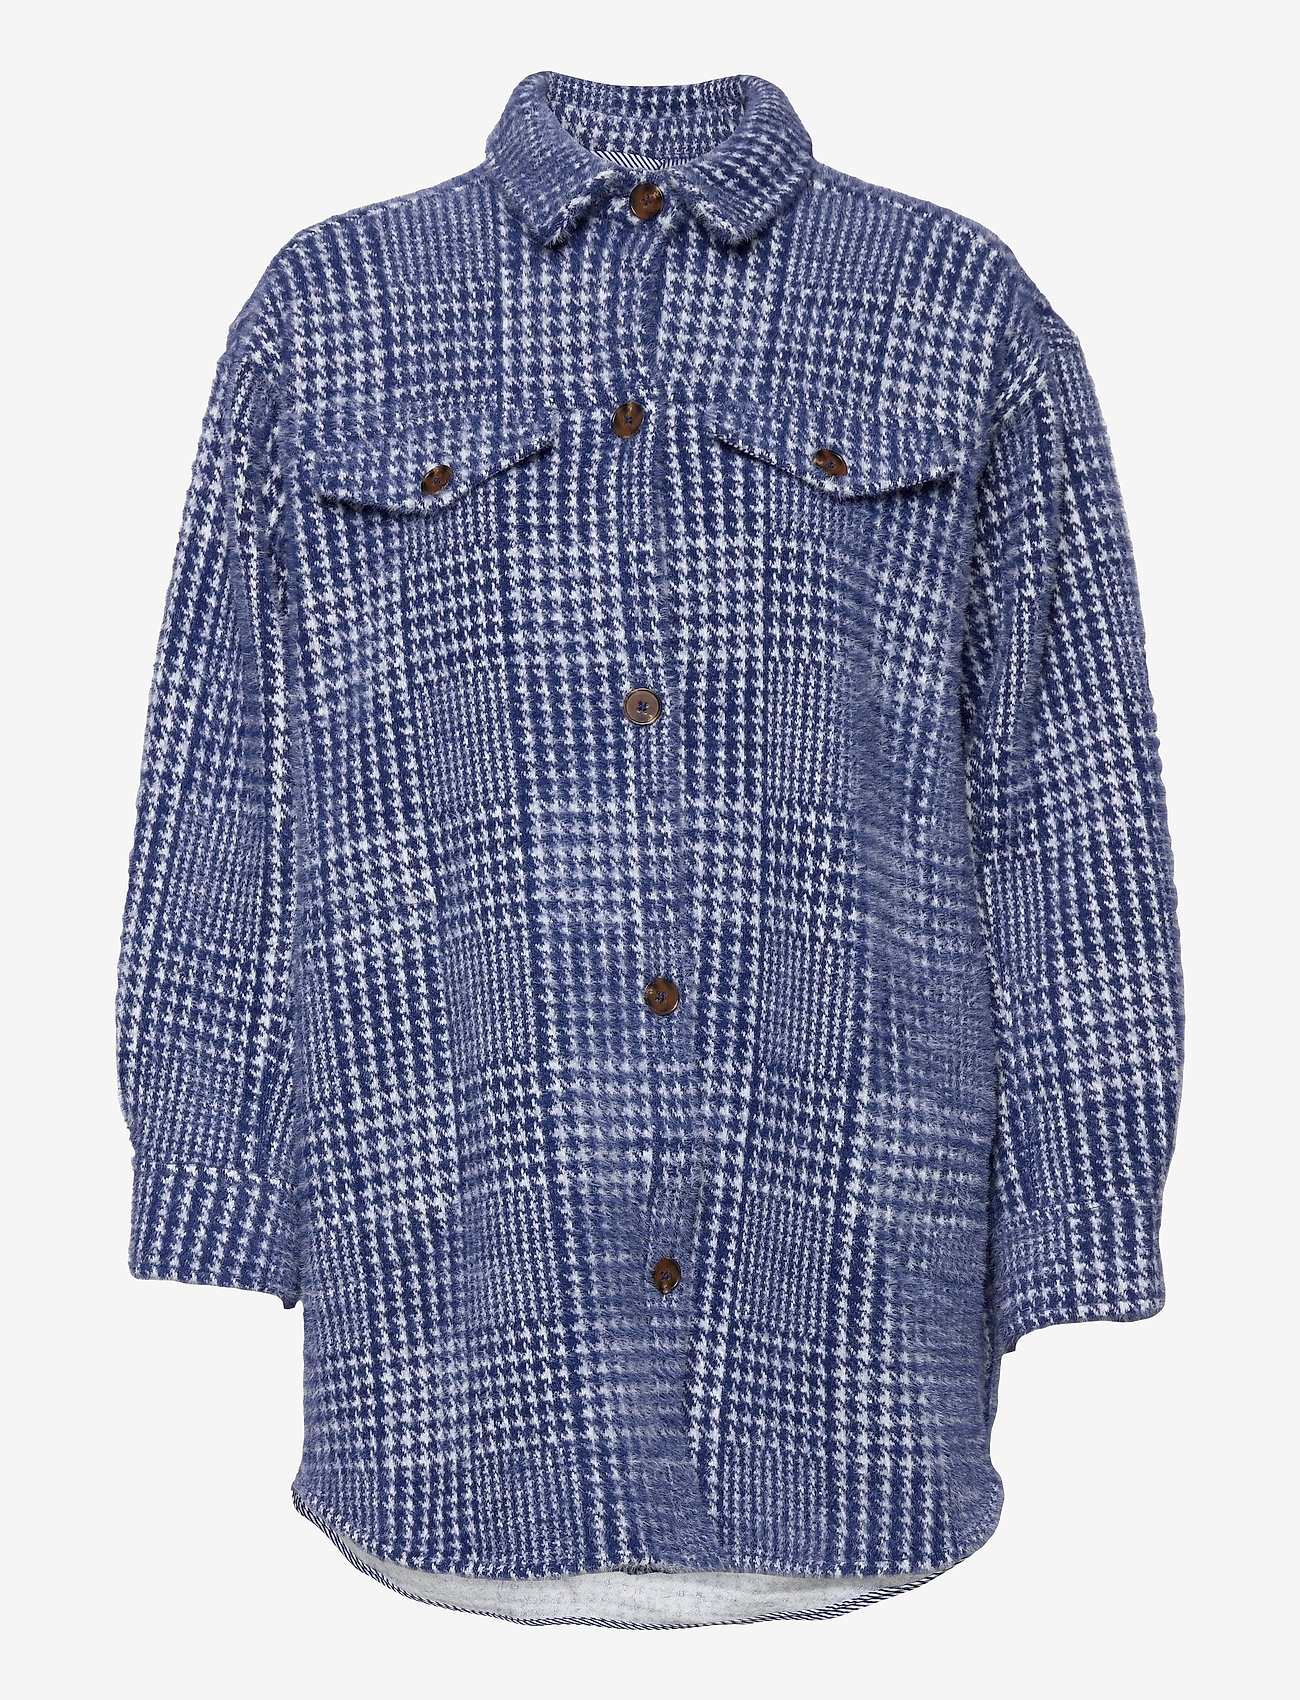 Munthe - TULLY - wool jackets - indigo - 0